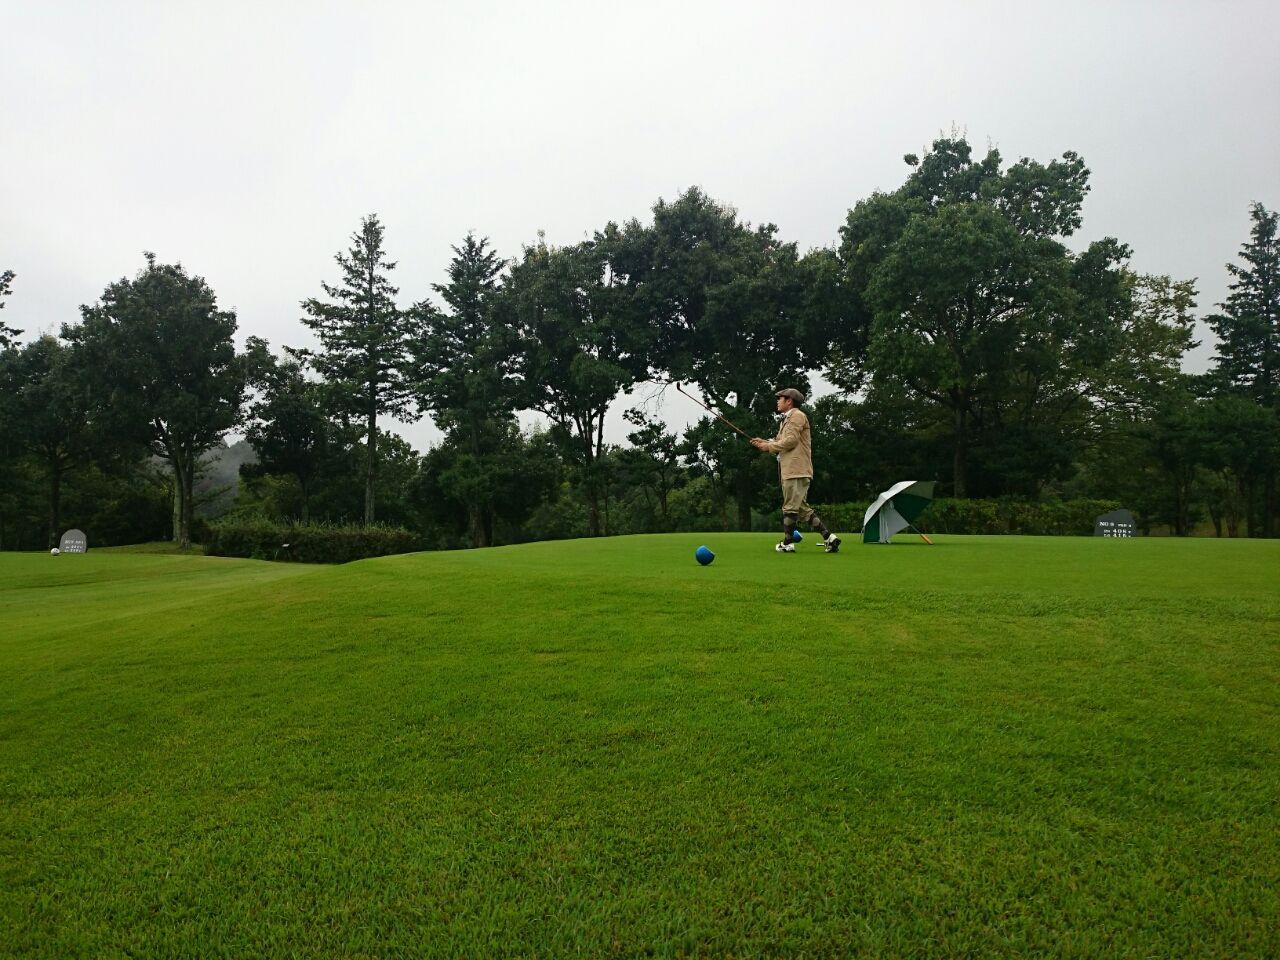 森林 公園 ゴルフ 天気